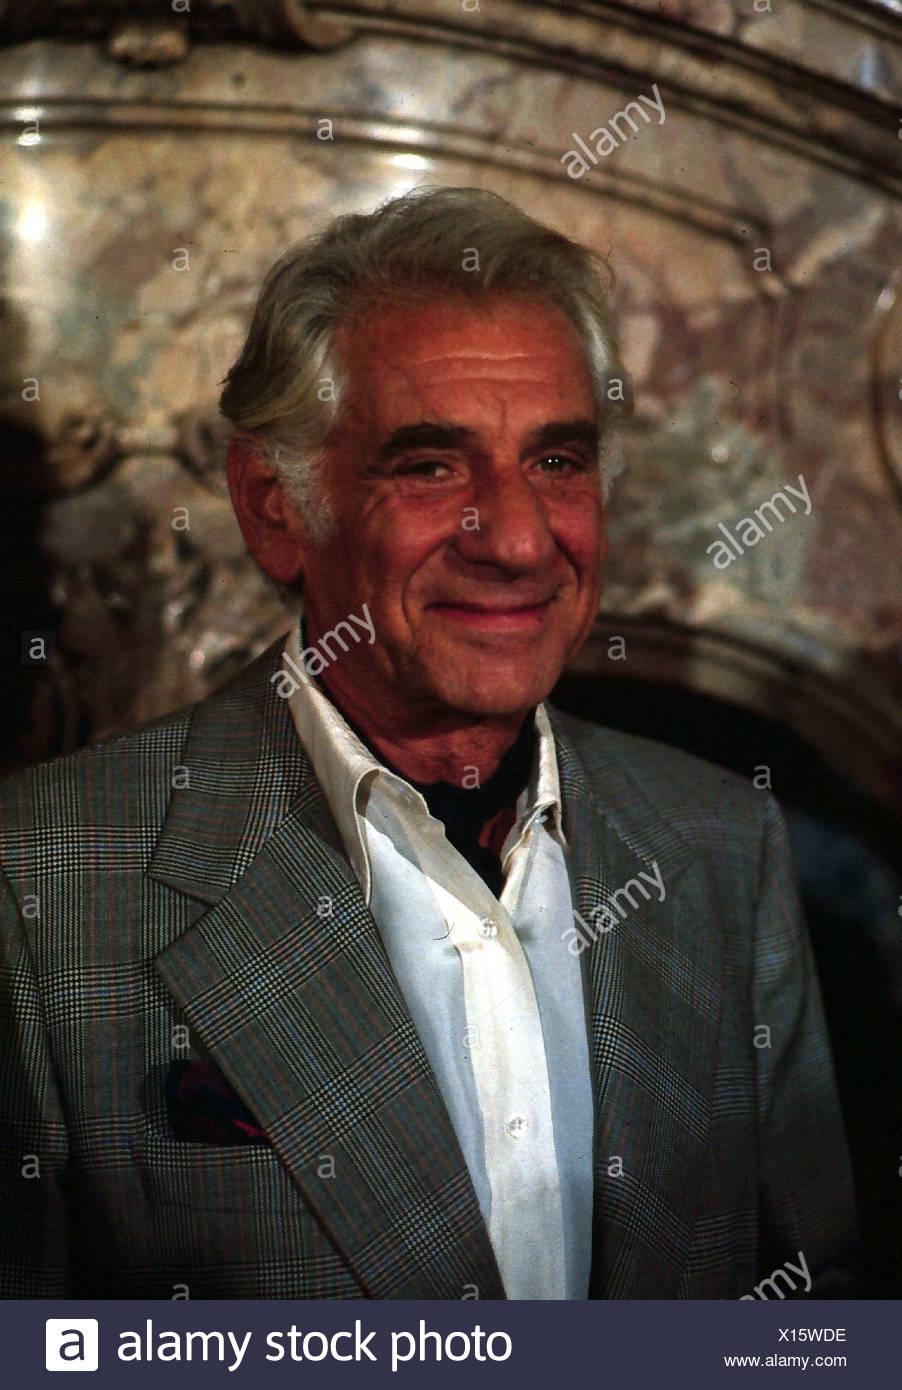 Bernstein, Leonard, 25.8.1918 - 14.10.1990, chef d'orchestre, compositeur, portrait, fin des années 80, smiling, Photo Stock